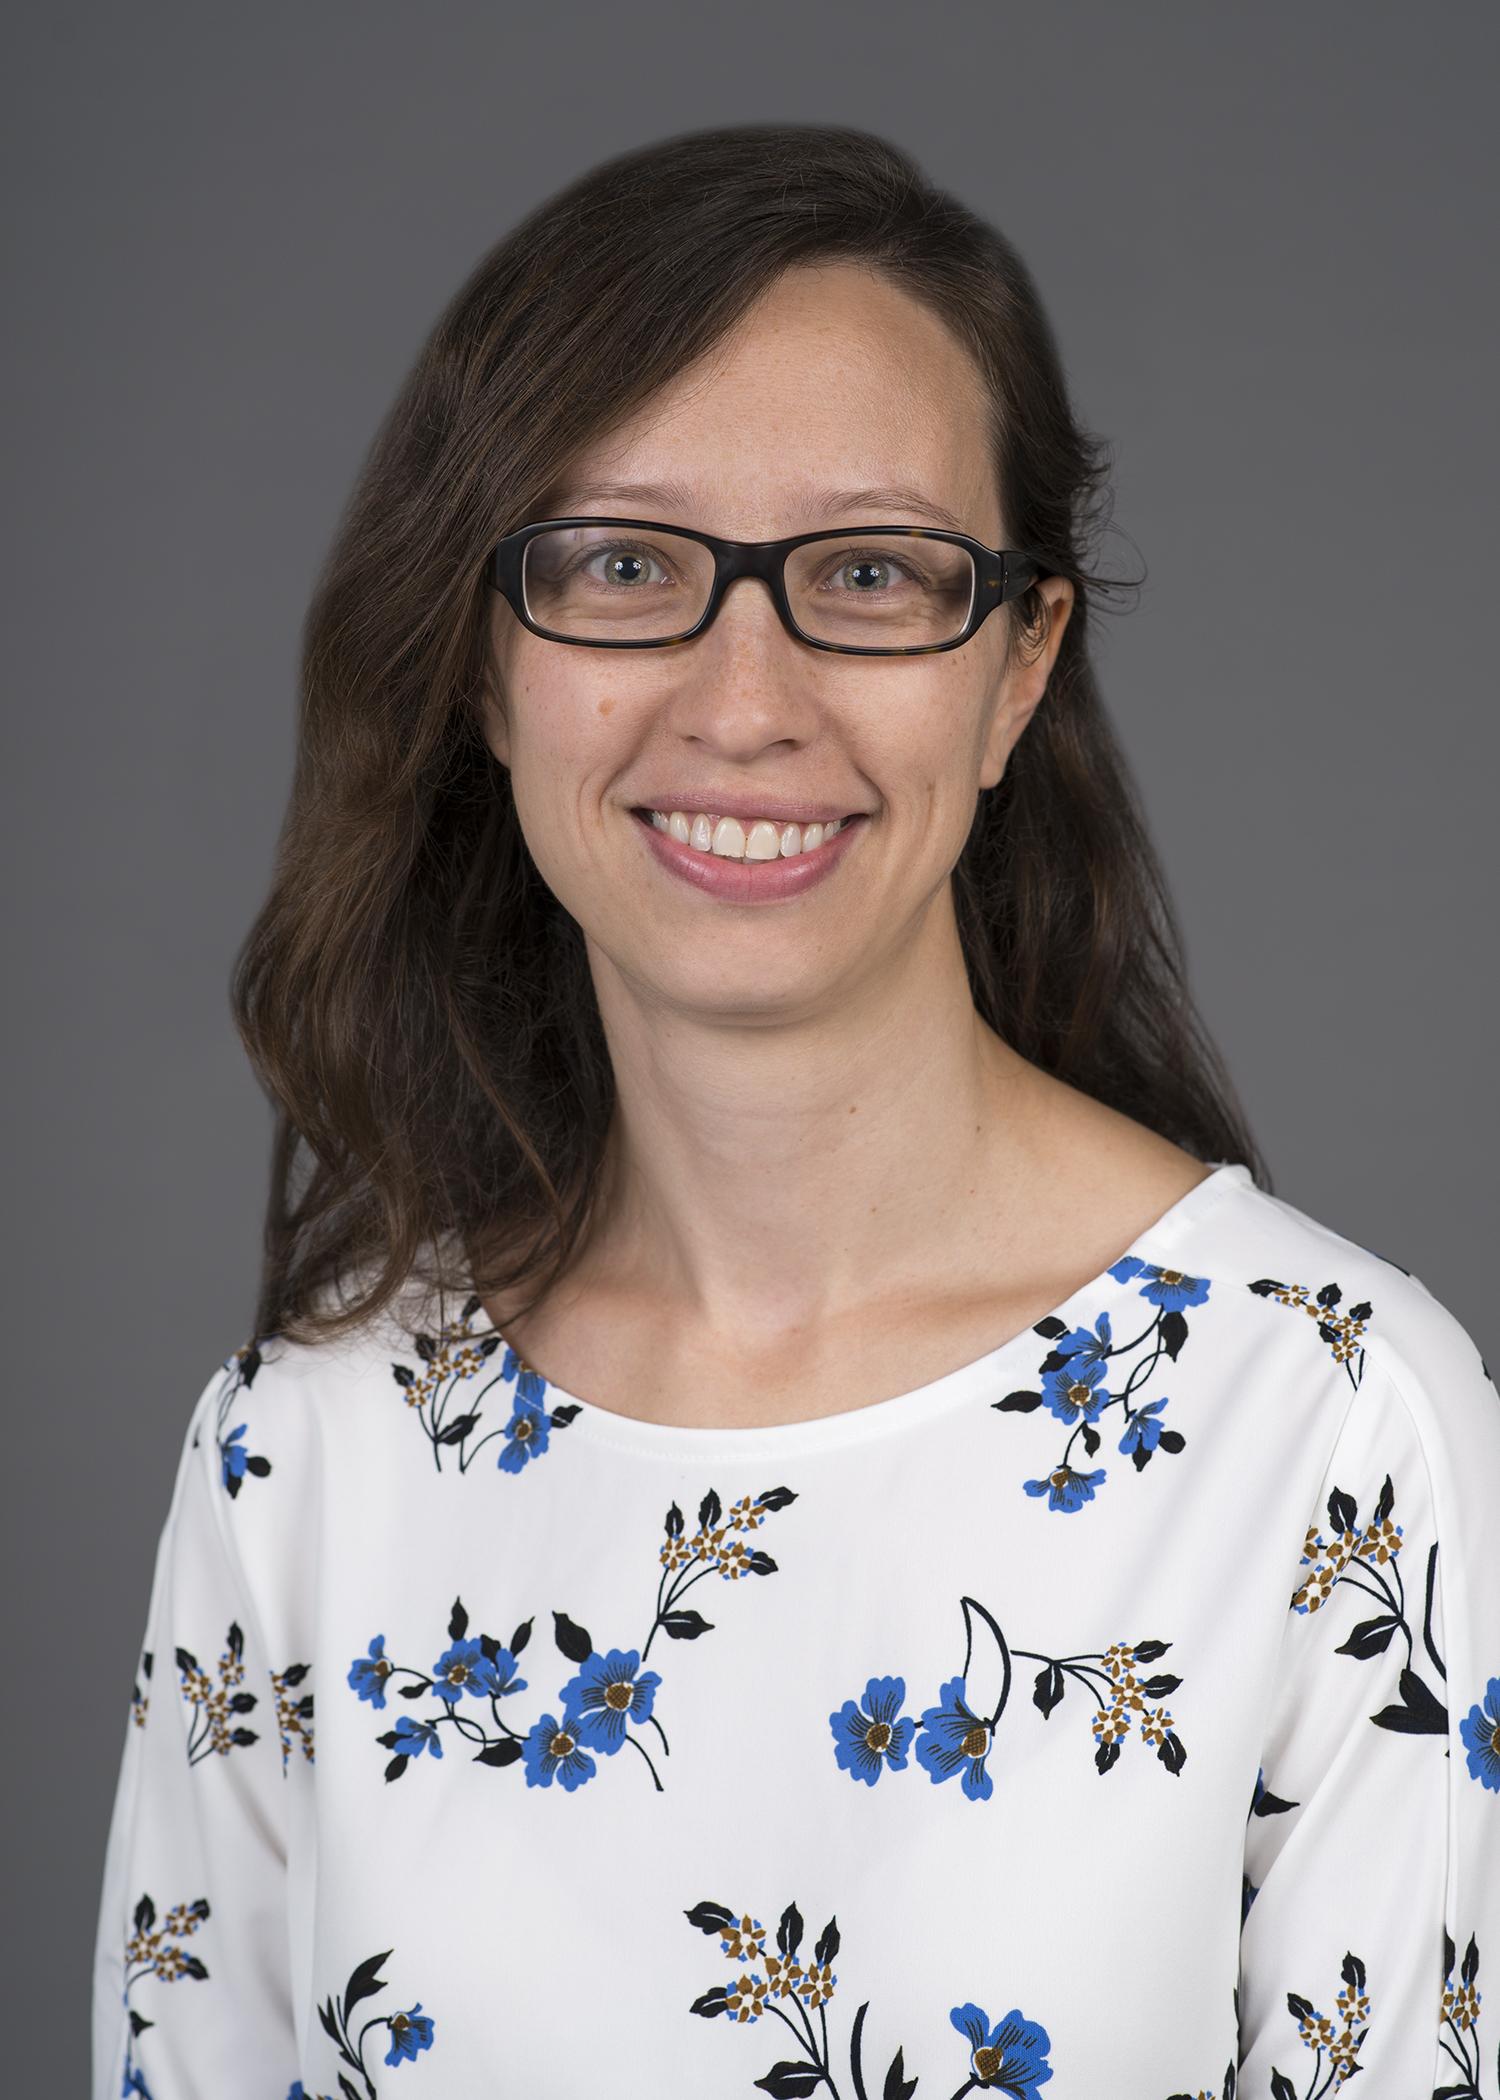 Jennifer Wood, M.D.